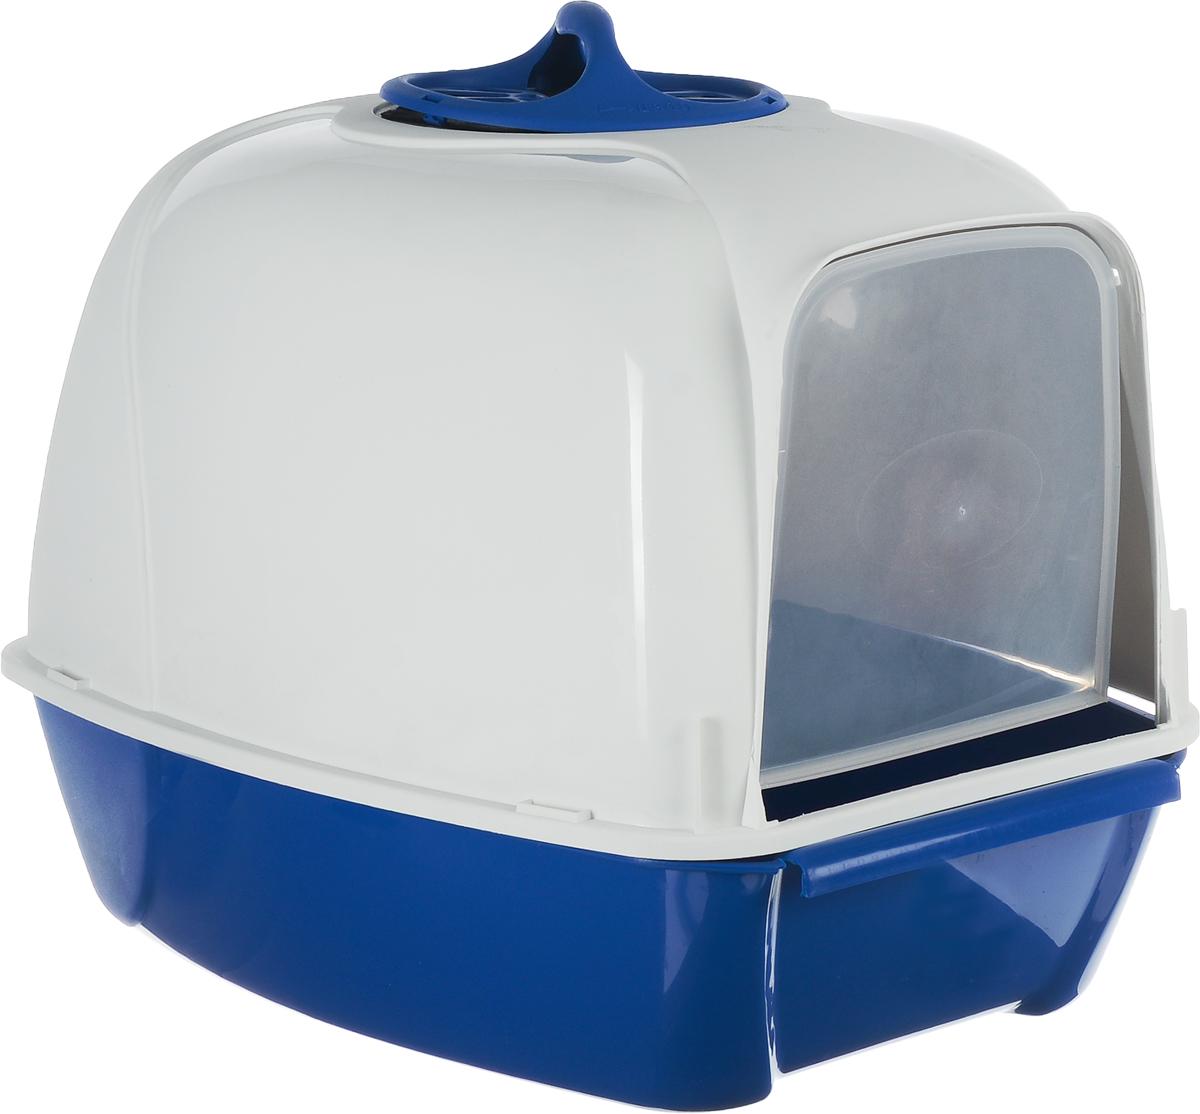 Био-туалет для кошек MPS Pixi, цвет: белый, синий, 52 х 39 х 39 см какой лучше купить кошке туалет с решеткой или без решетки